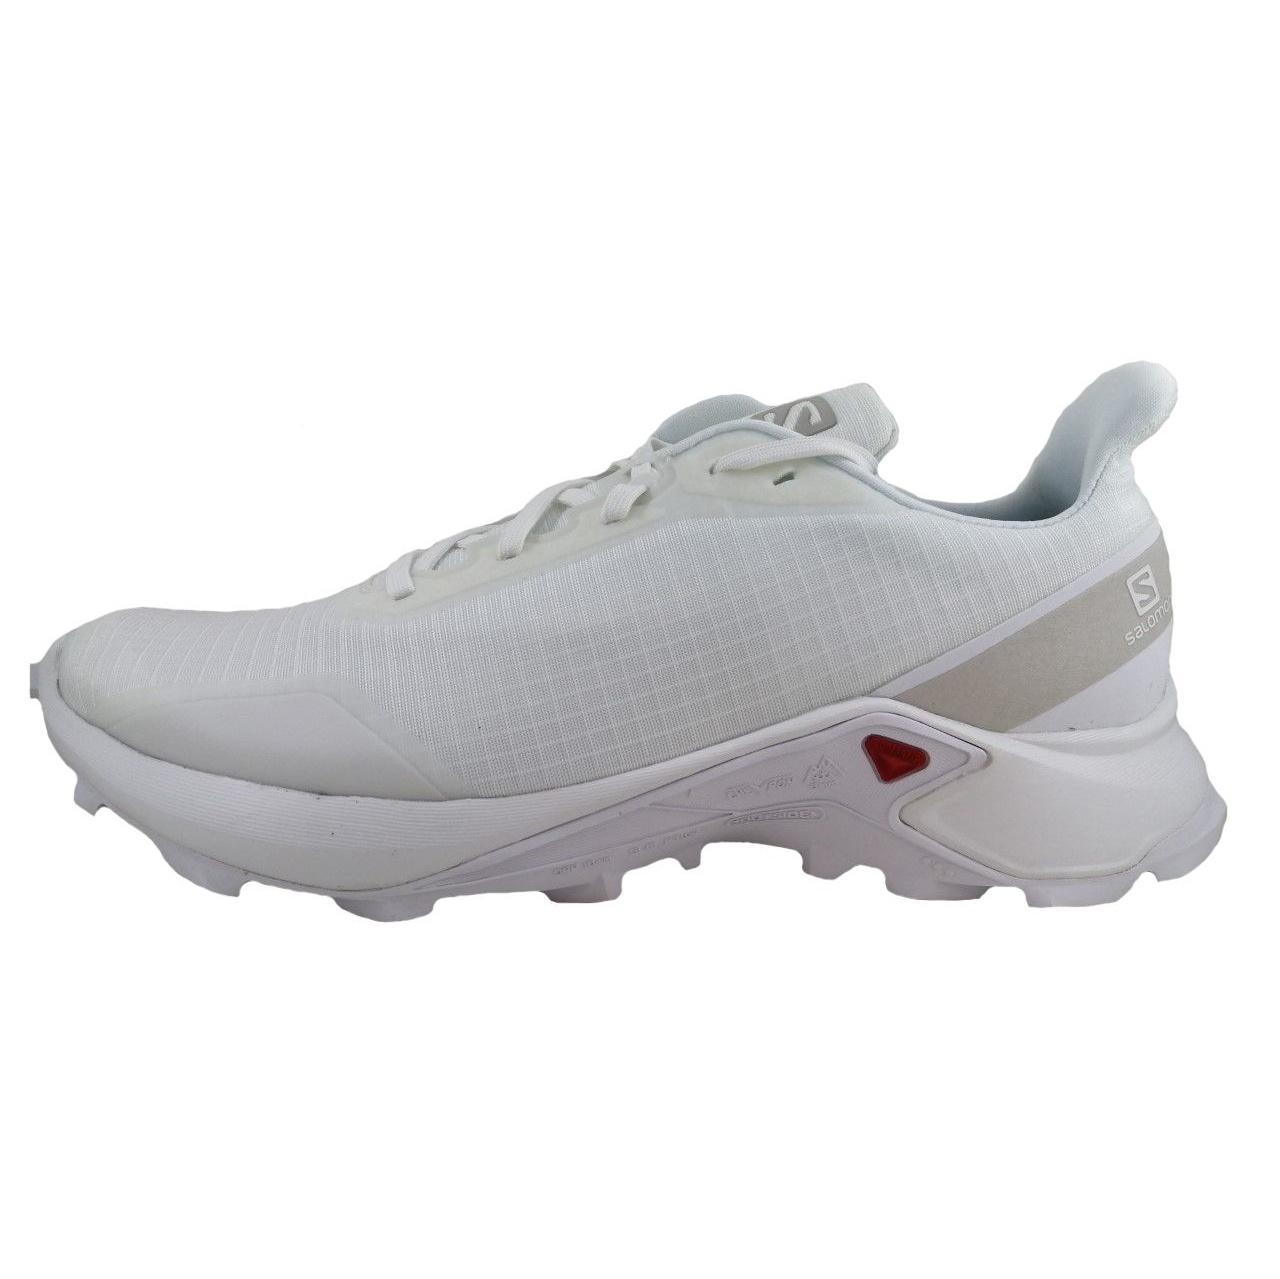 کفش مخصوص پیاده روی مردانه سالومون مدل 407983 MIR